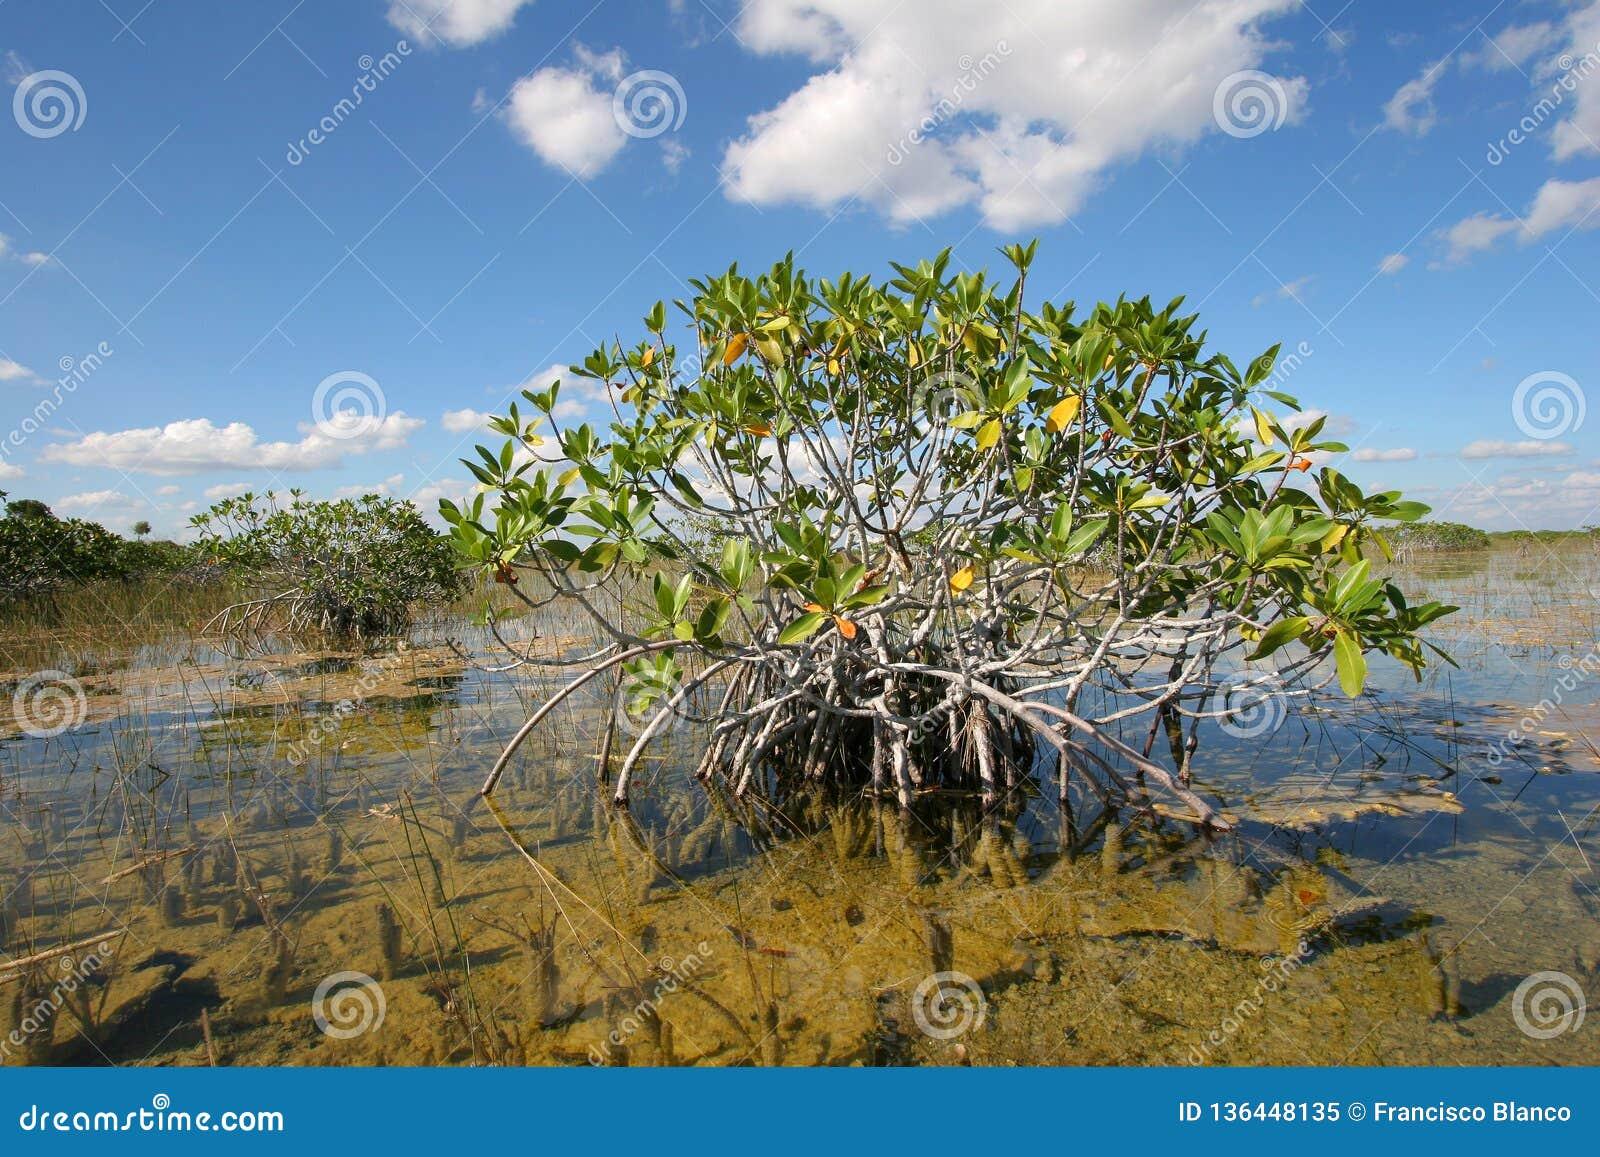 Dwarf Mangrove Trees of Everglades National Park, Florida.